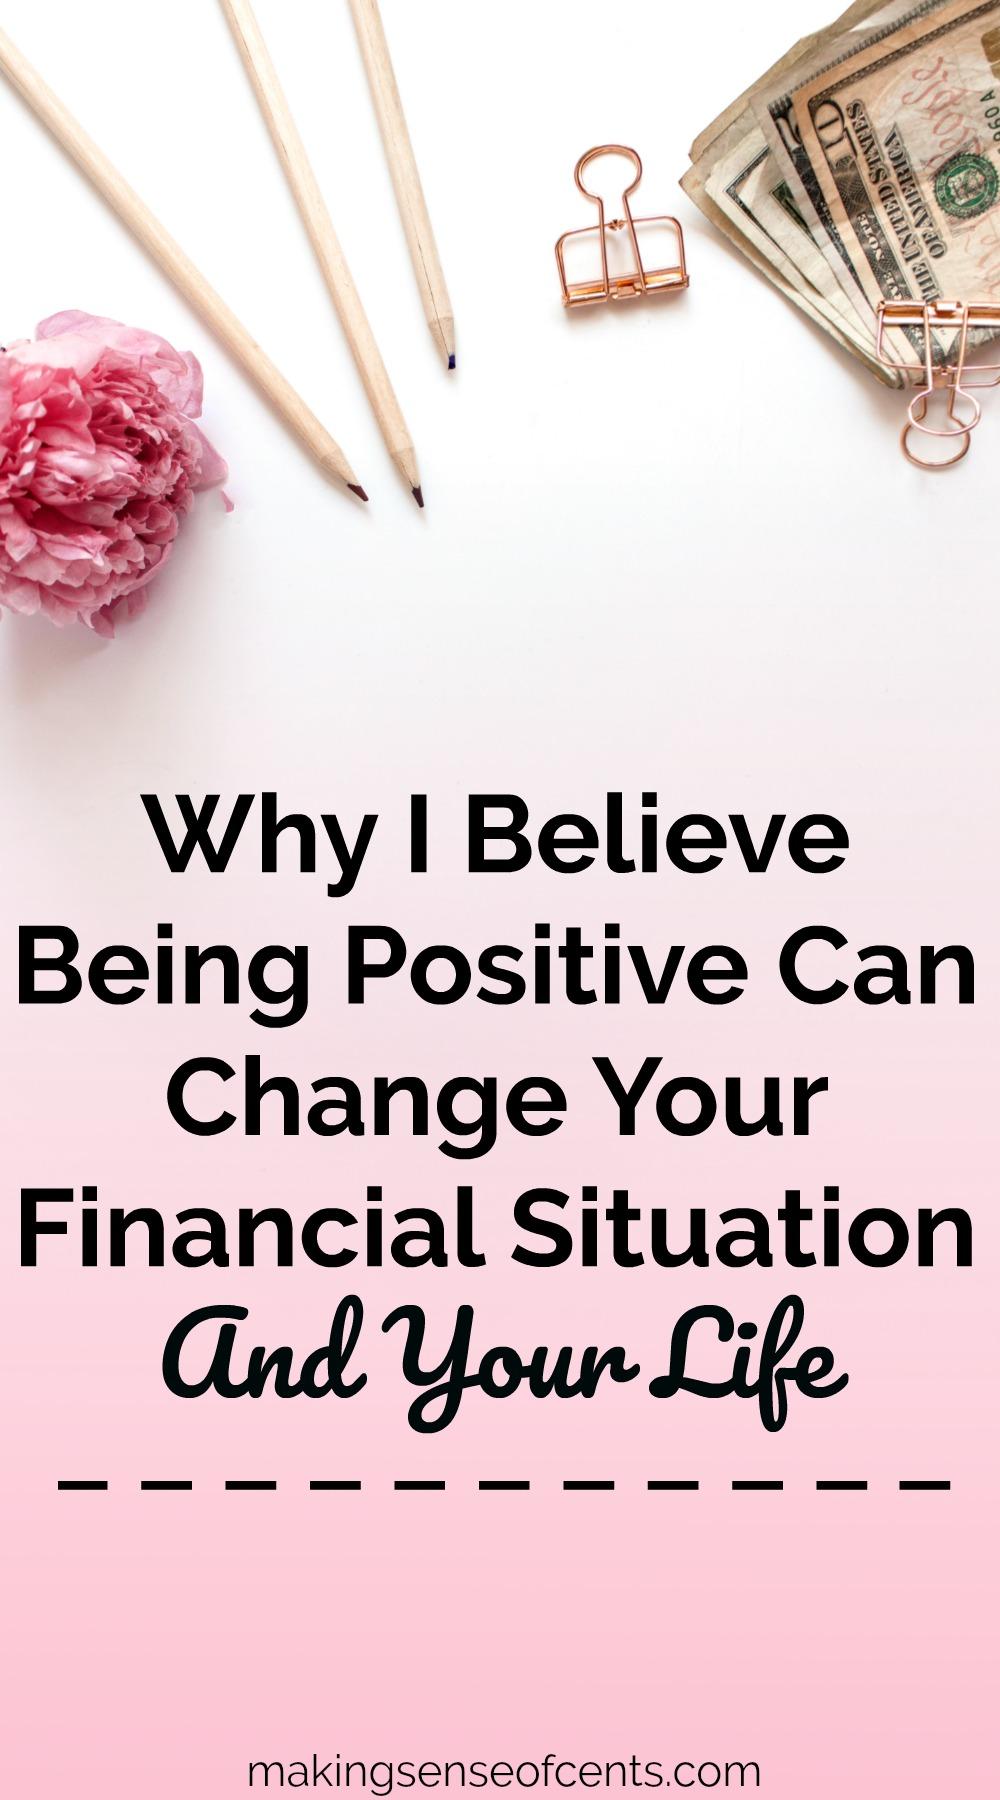 Por qué creo que ser positivo puede cambiar su situación financiera y su vida